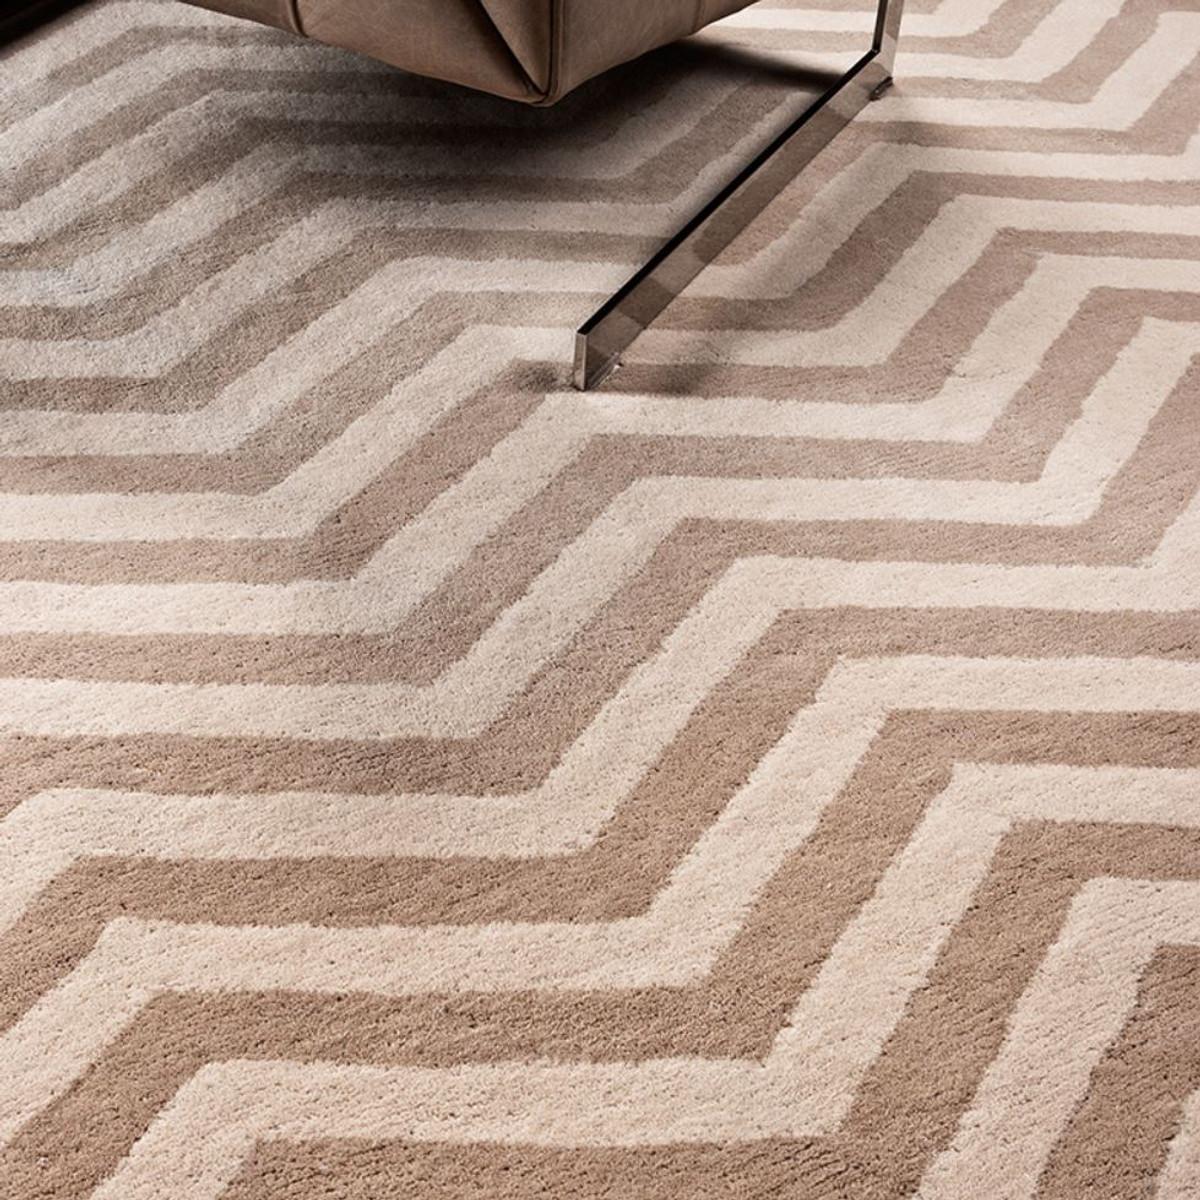 94 wohnzimmer teppich 200 x 200 moderner handweb teppich alpina handgewebt aus schurwolle. Black Bedroom Furniture Sets. Home Design Ideas